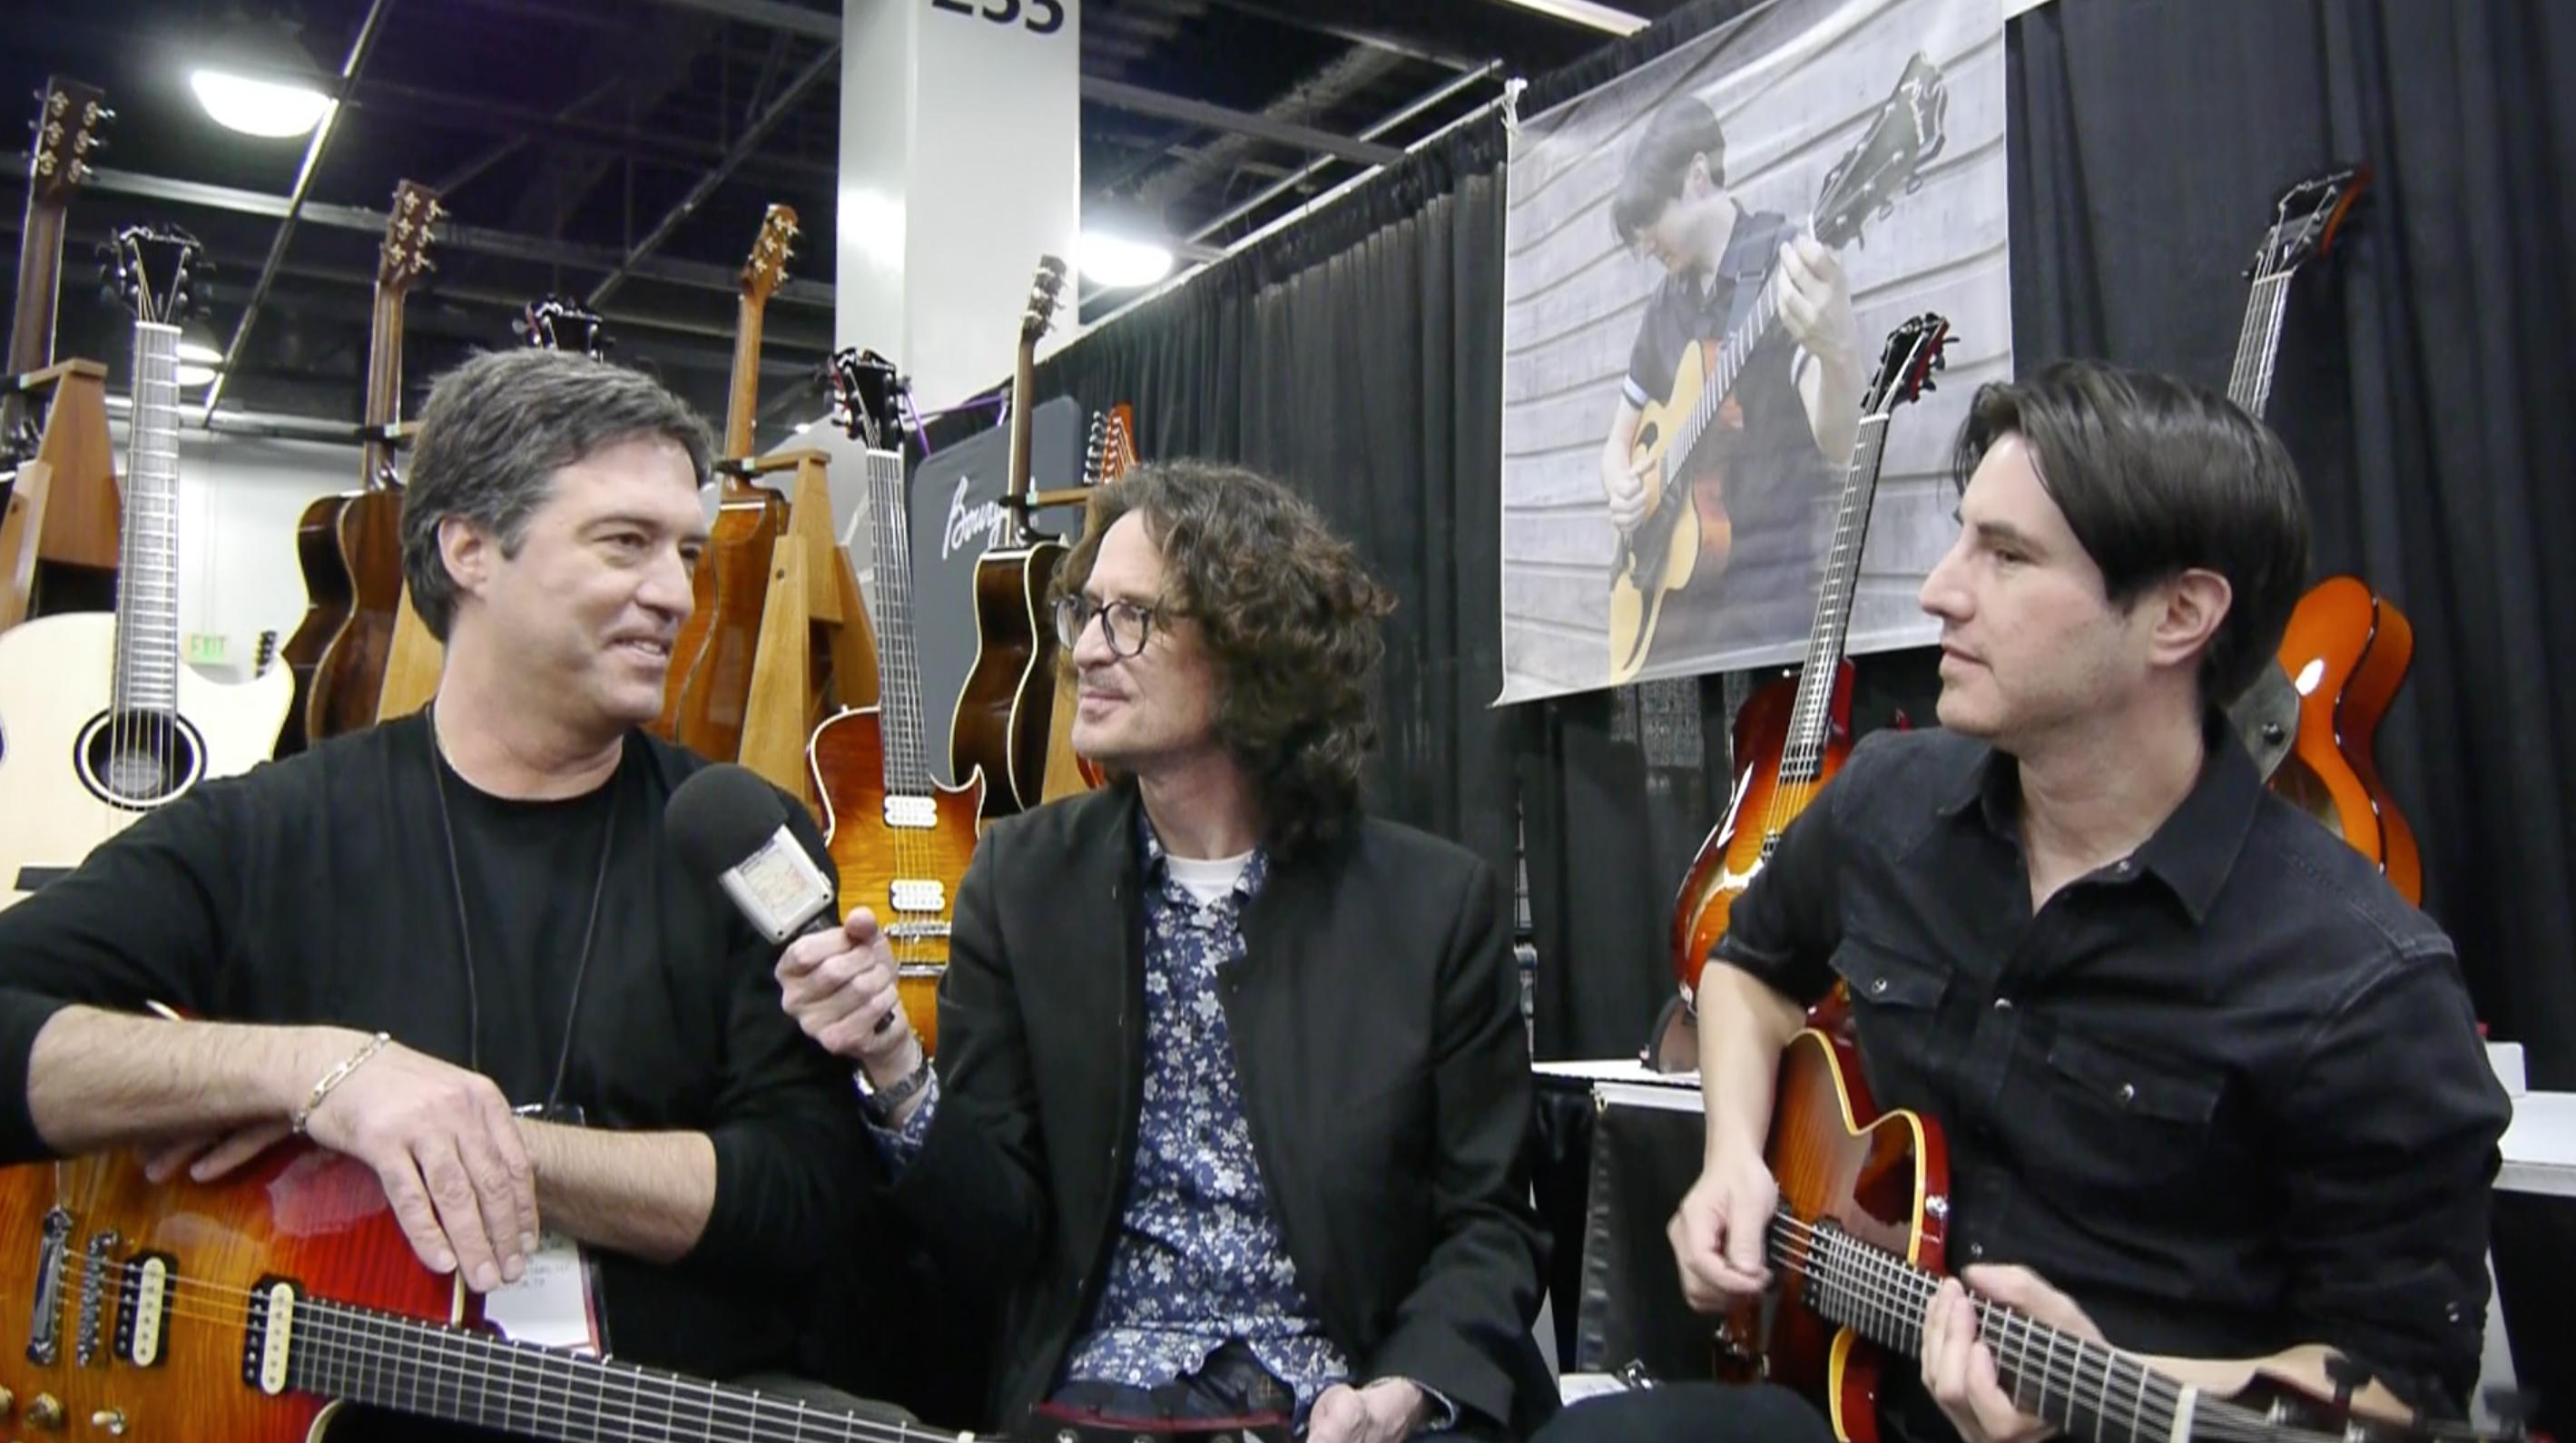 Interview Mike Moreno et Stephen Marchione, un musicien et son luthier au NAMM 2020